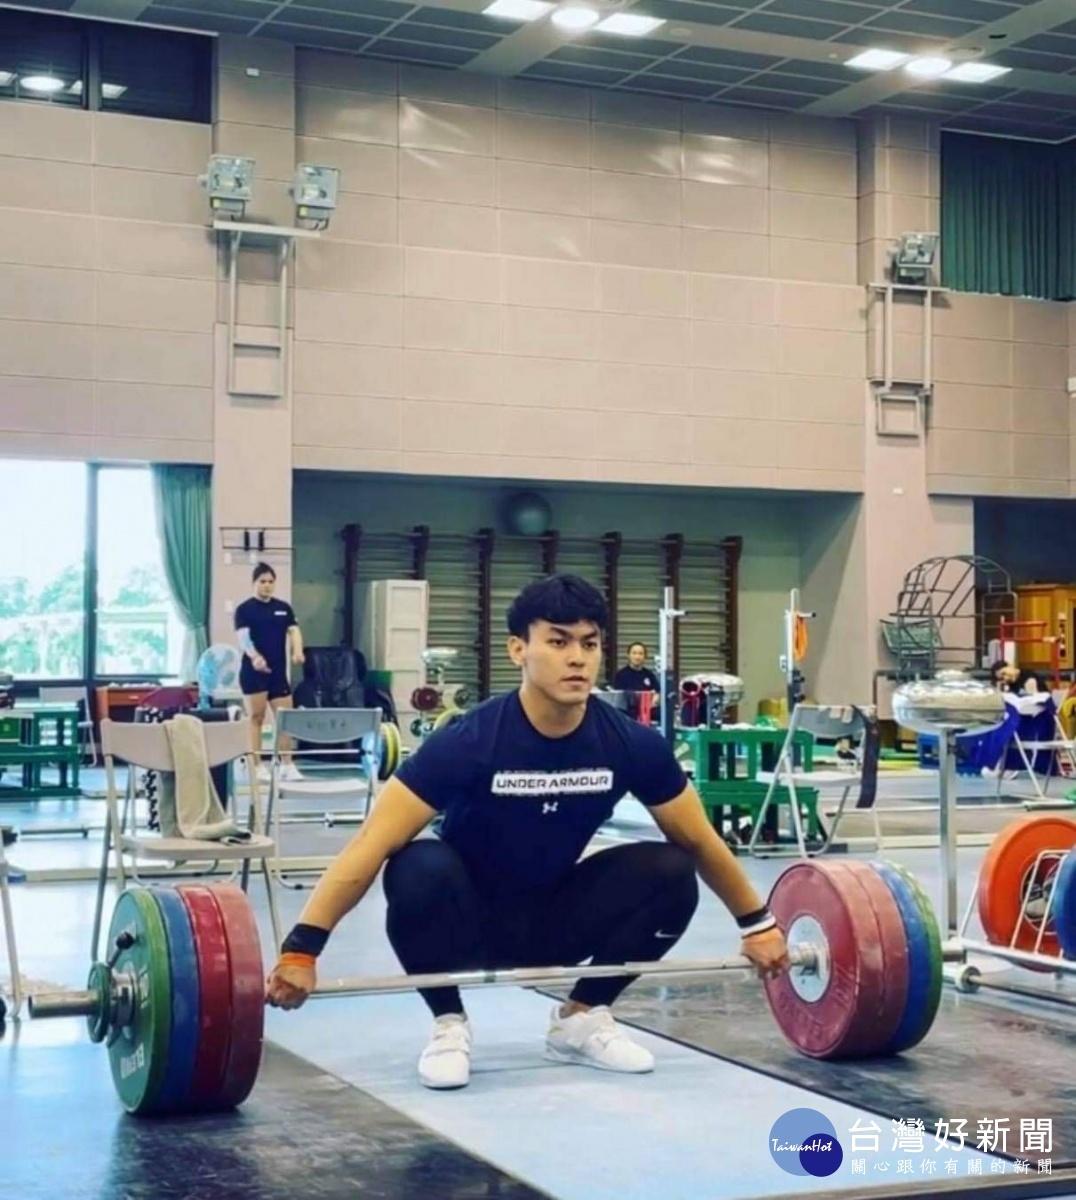 破全國紀錄! 陳柏任東奧舉重奪第五